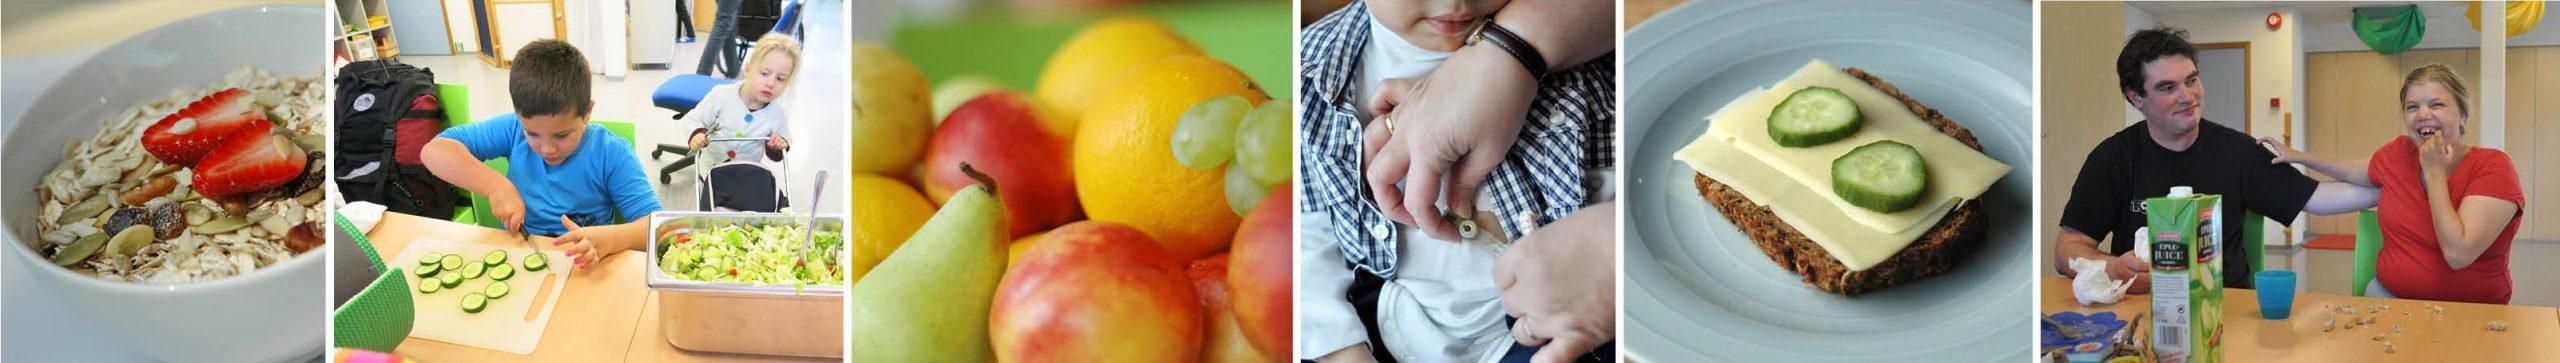 Collage med flere bilder av mat og spisesituasjoner